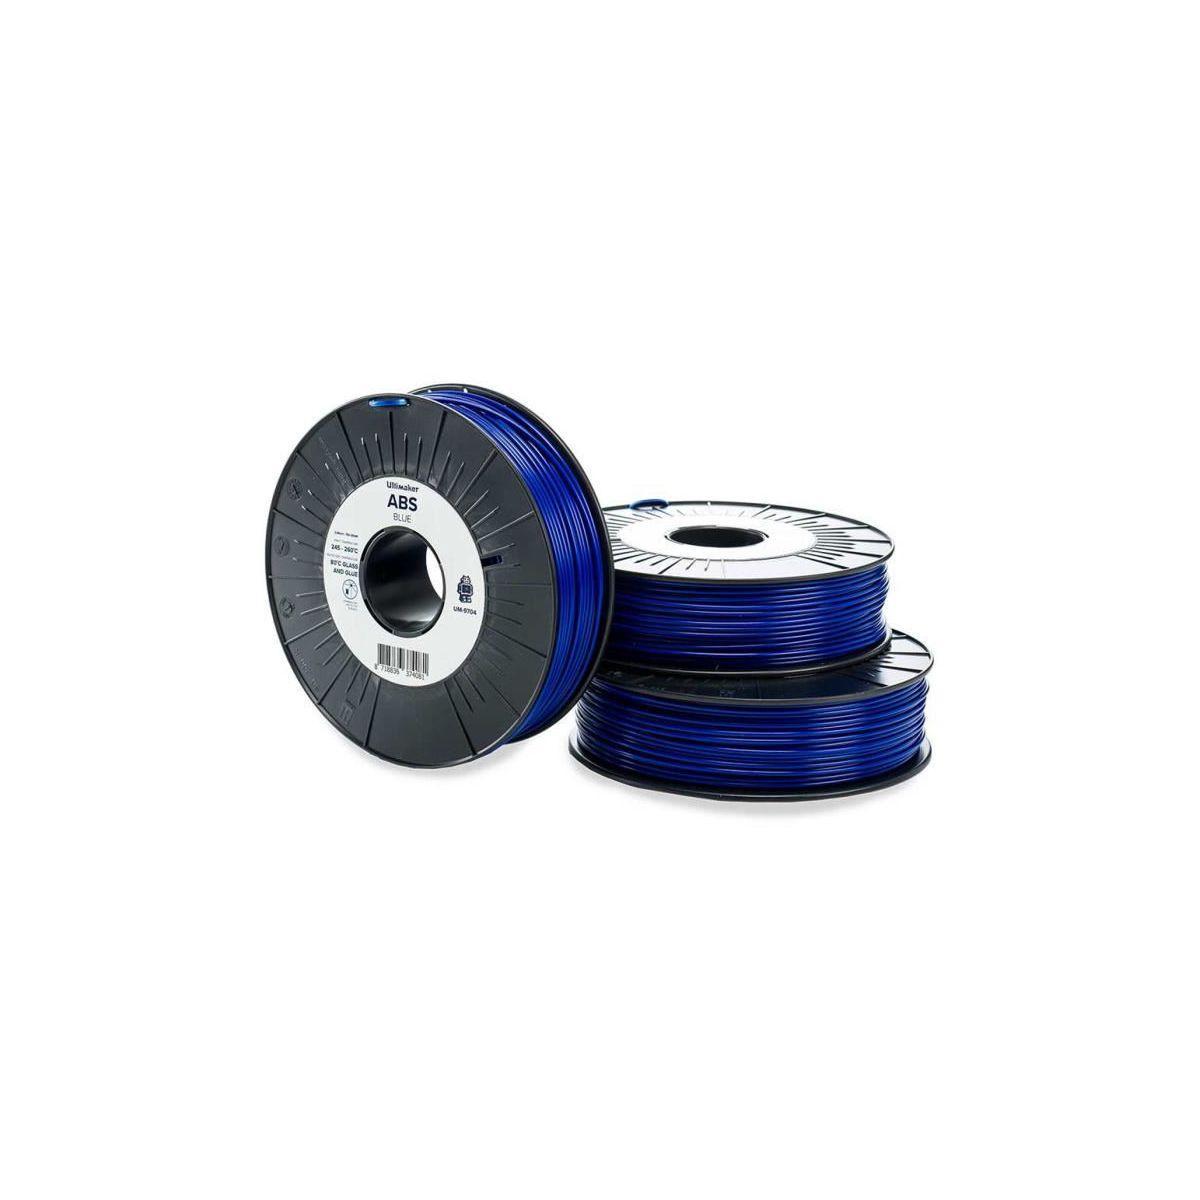 Filament 3d ultimaker abs bleu 2.85mm - 2% de remise imm?diate...